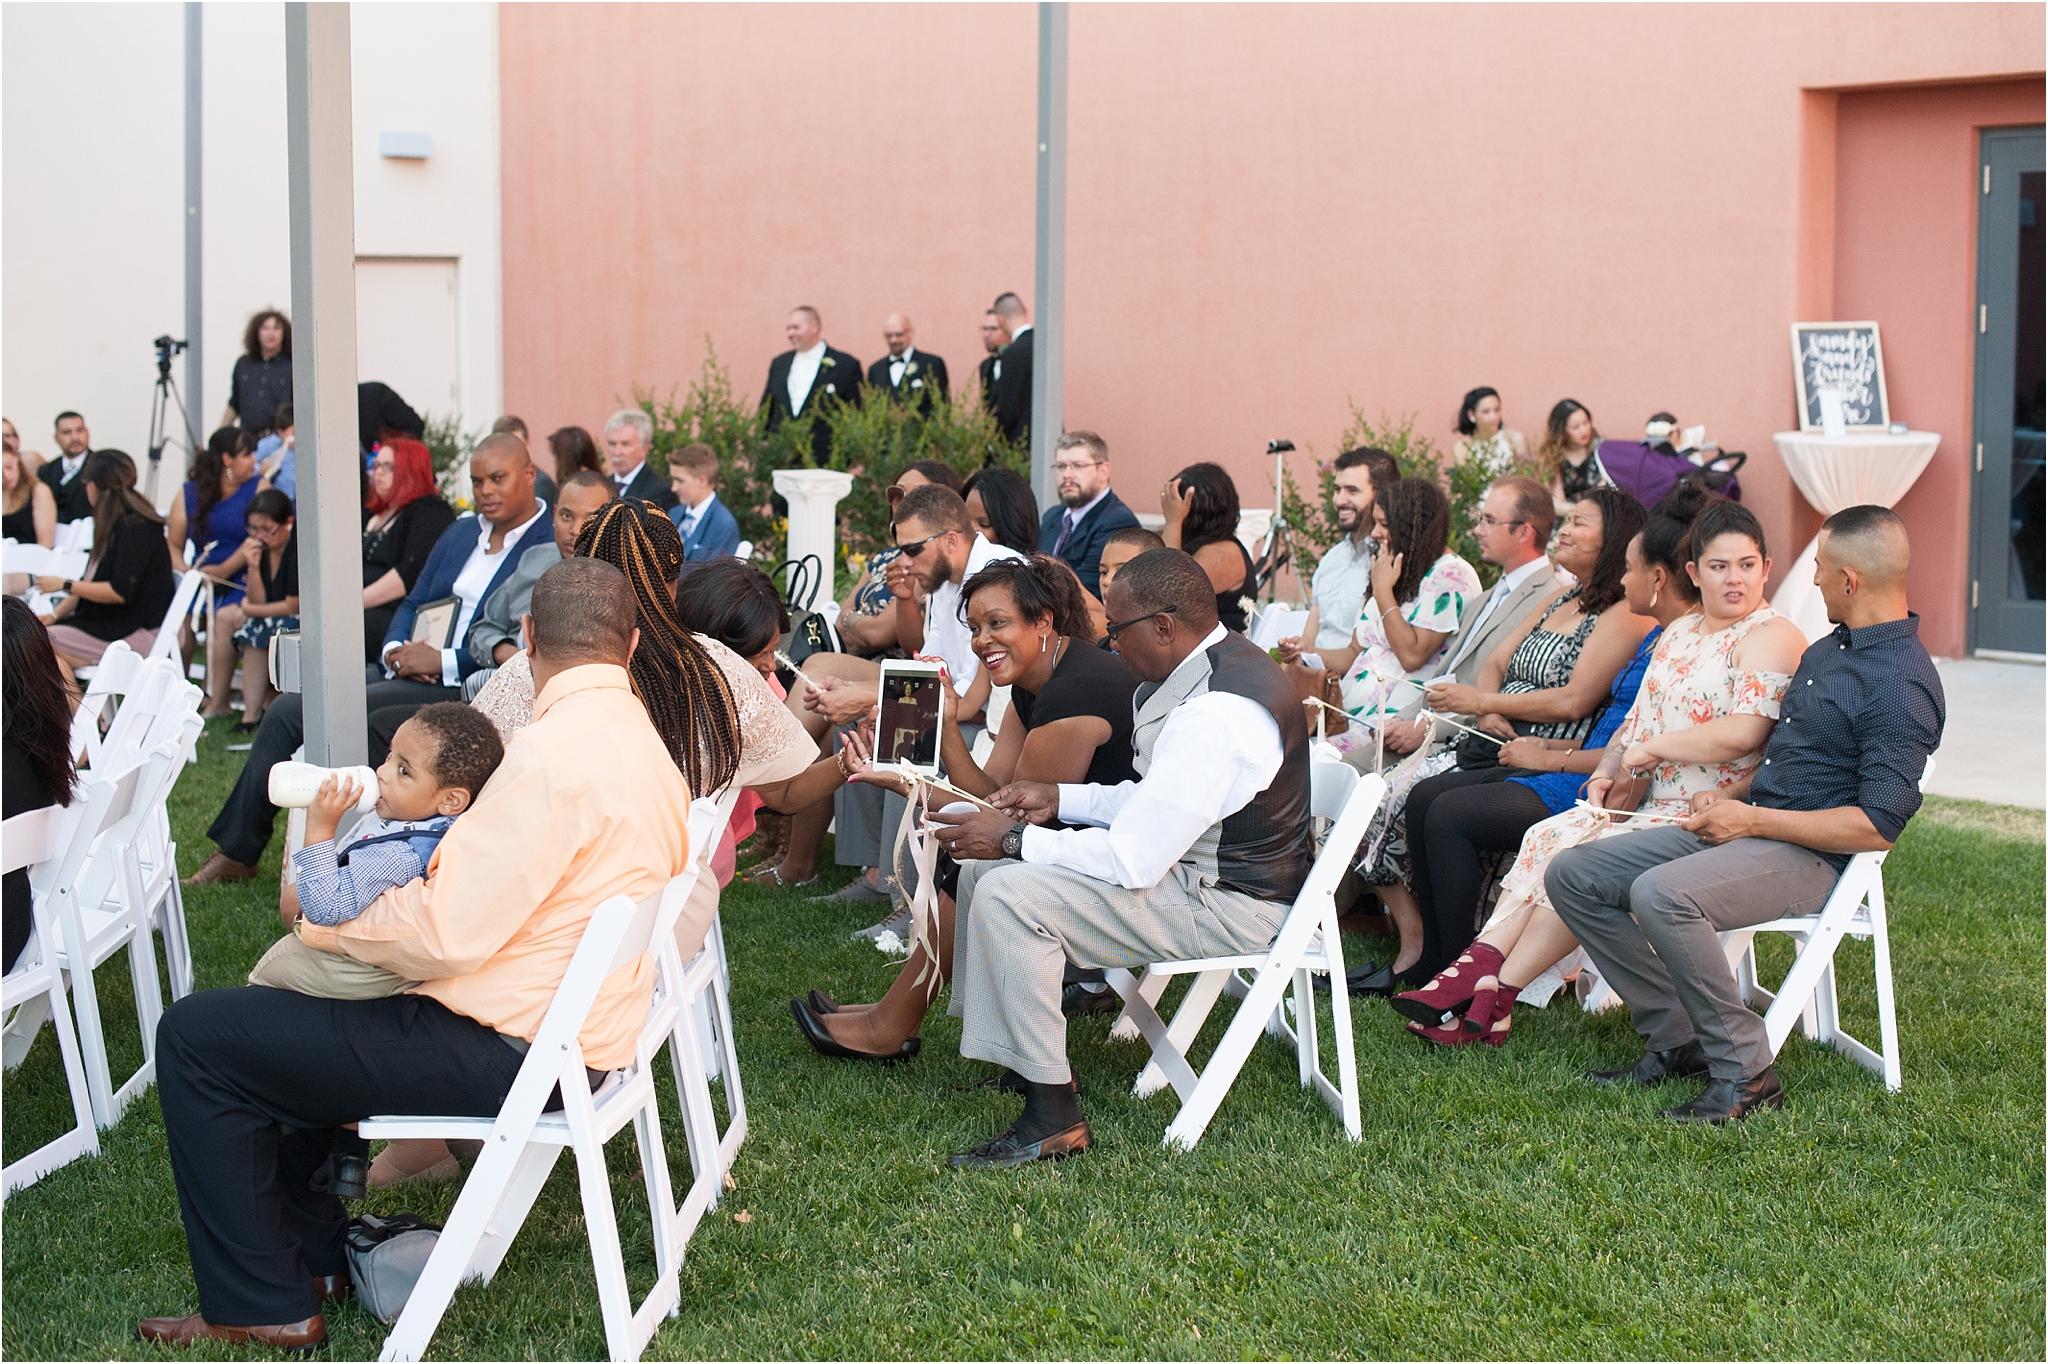 kayla kitts photography - albuquerque wedding photographer - isleta wedding_0016.jpg